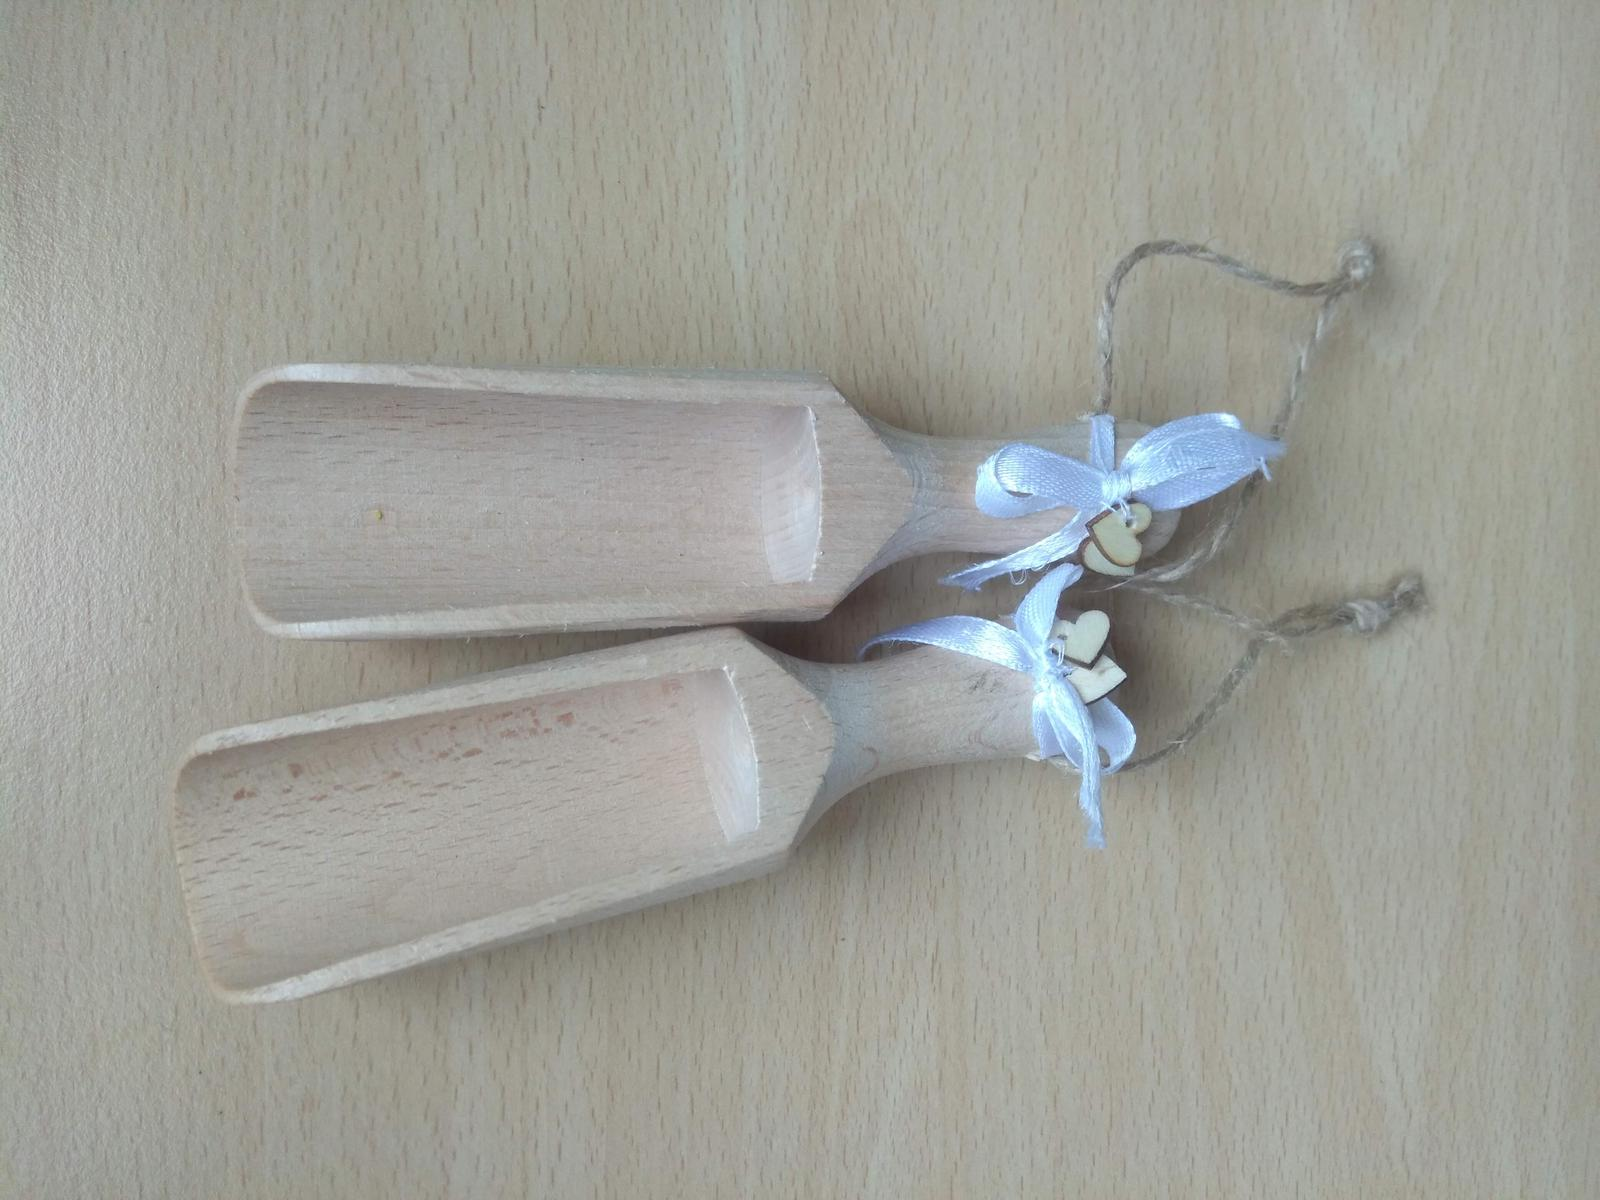 Dřevěné naběračky - Obrázek č. 1